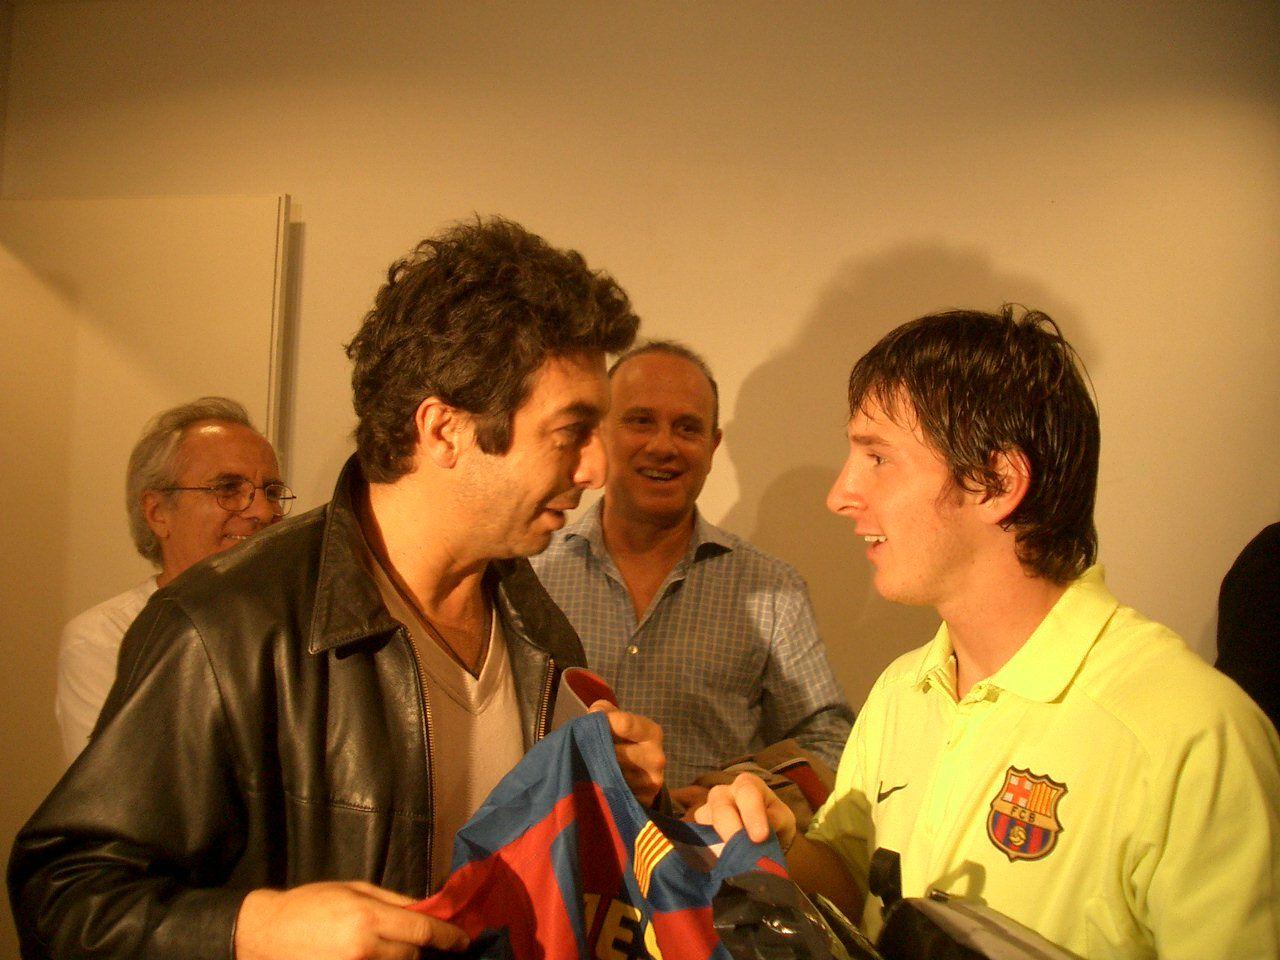 ¿Cuánto mide Lionel Messi? - Estatura y peso - Real height - Página 3 Darn-y-Messi2